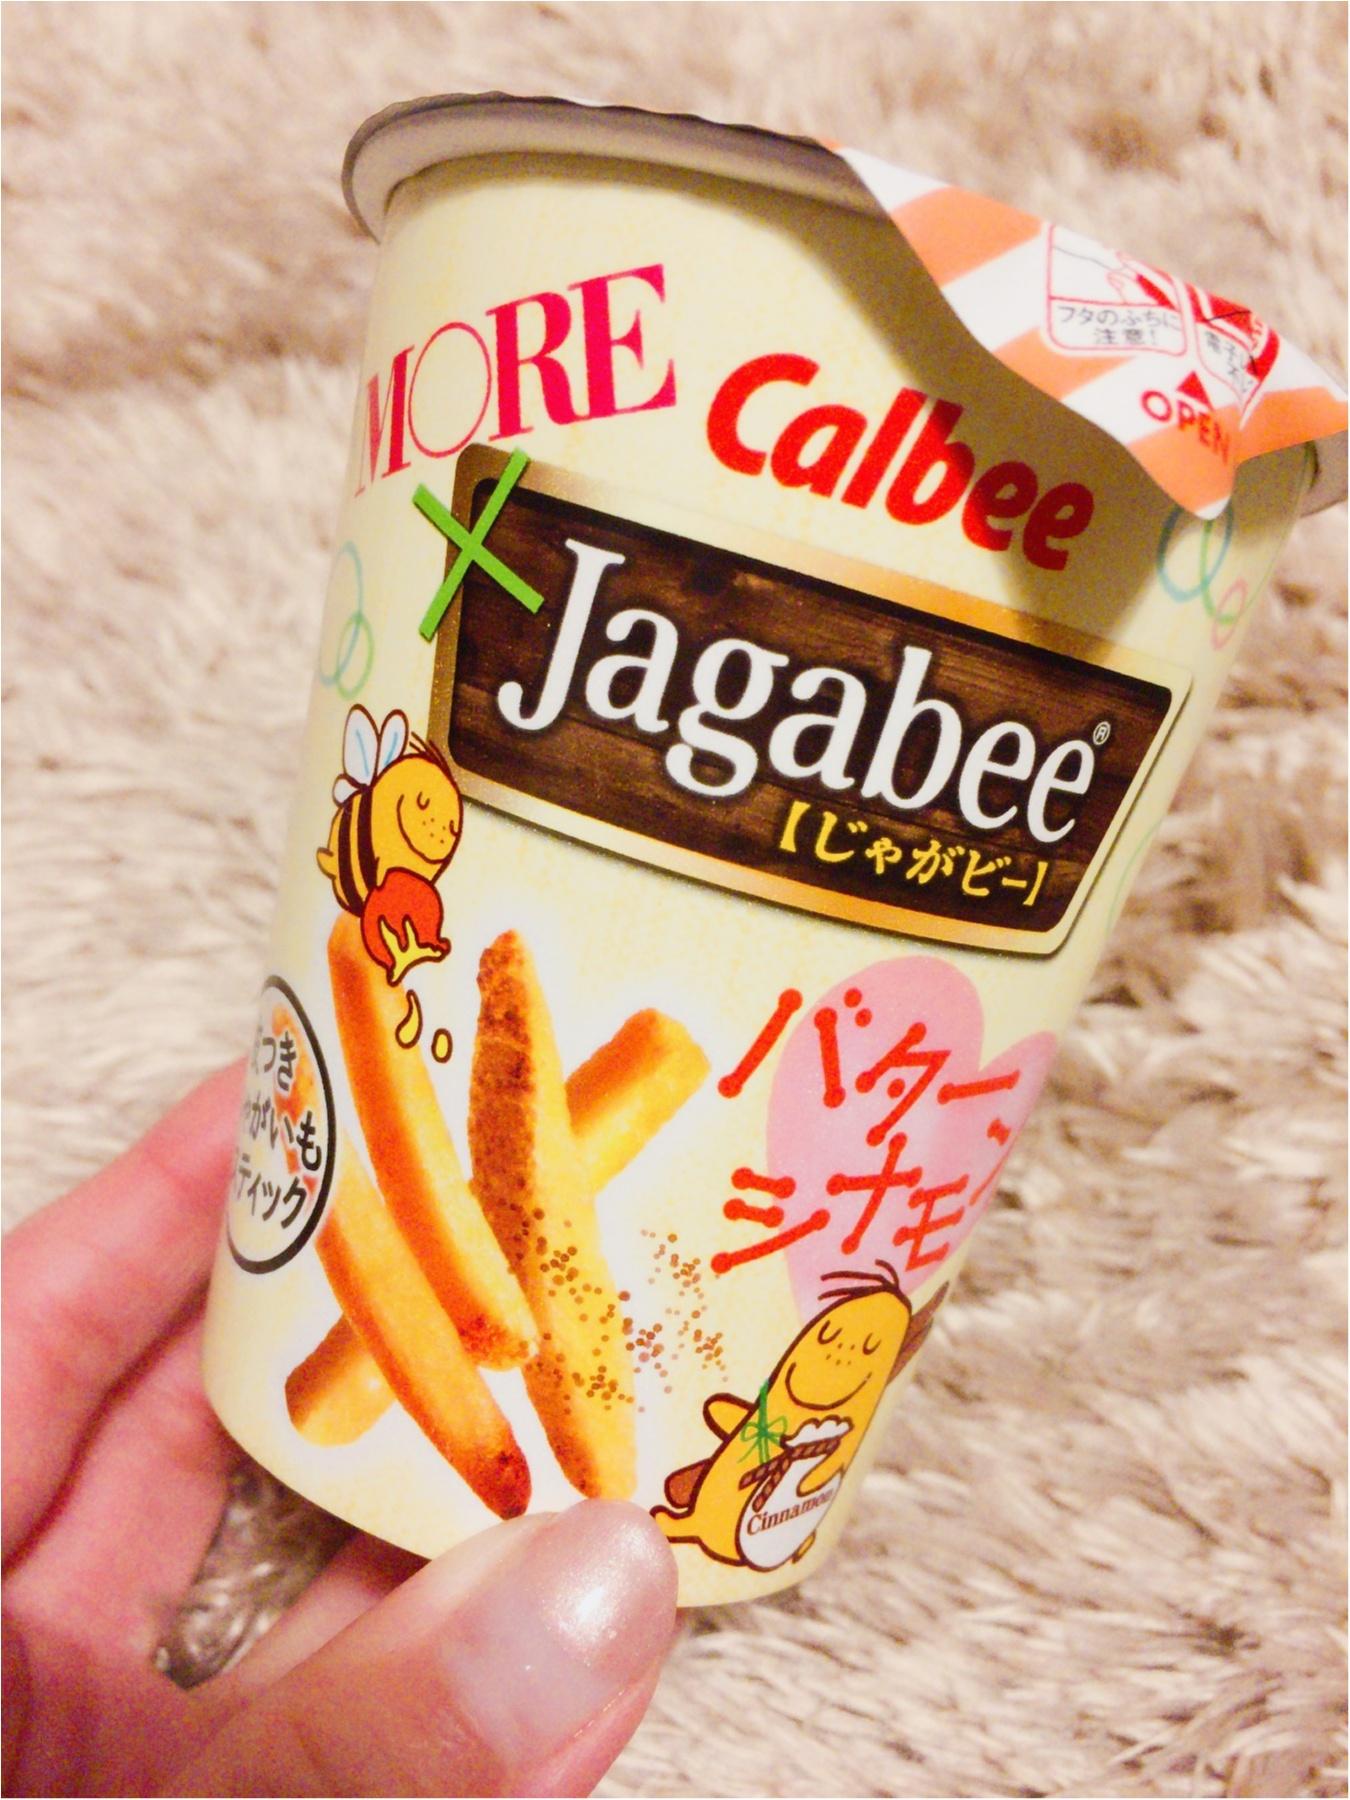 ♡バターとシナモンが合いすぎる!!MOREとカルビーのコラボ商品【Jagabee バターシナモン味】は絶品なんです(〃ω〃)♡_1